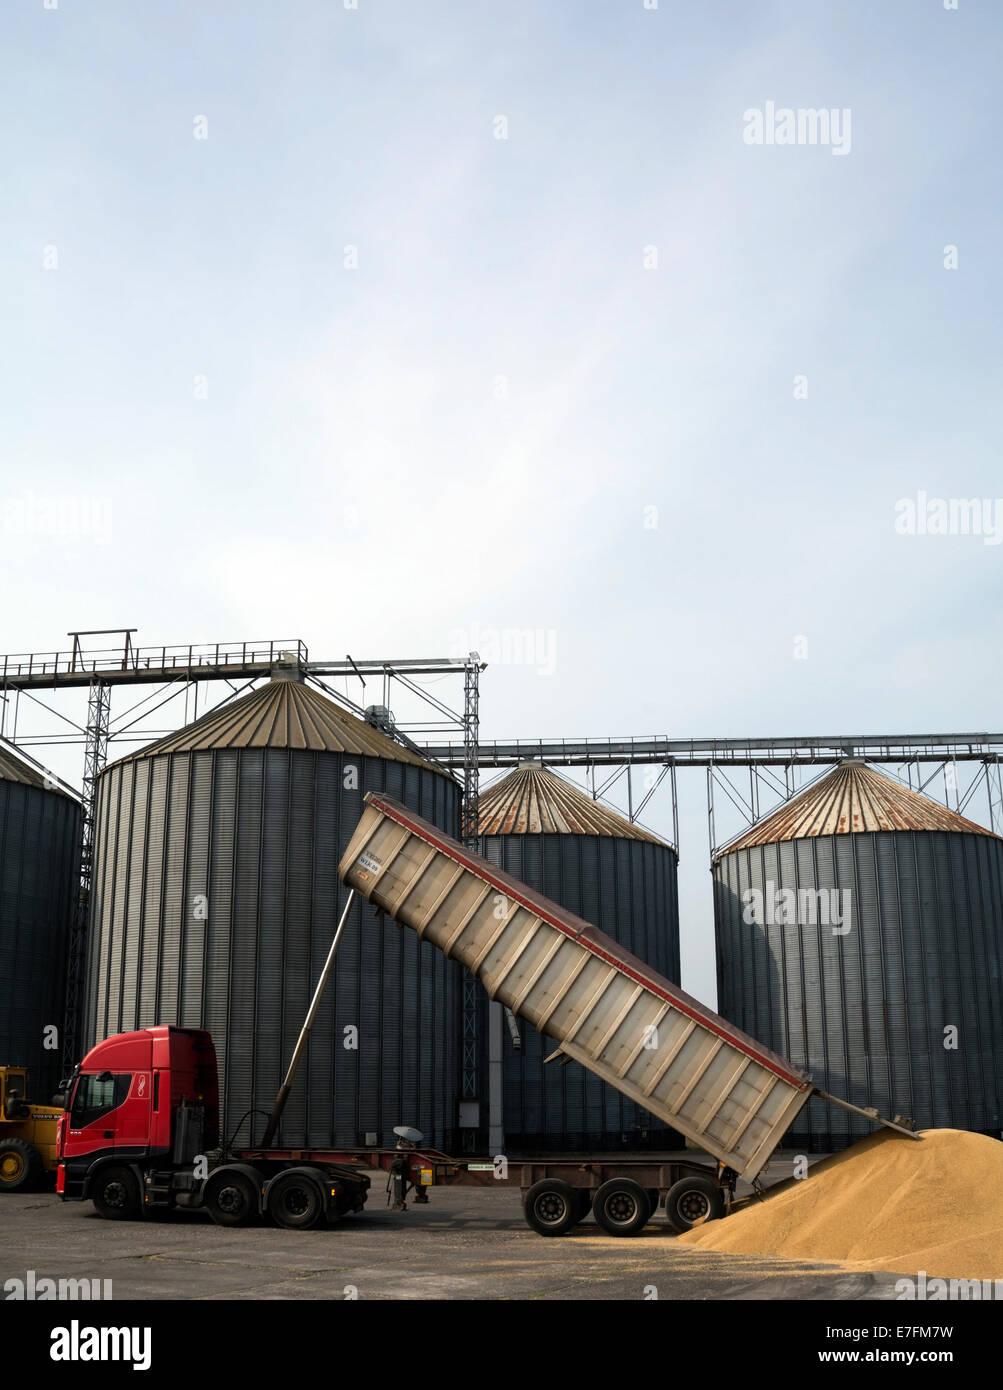 Un énorme camion benne céréalière offre de stockage et de traitement, c'est l'objet Photo Stock